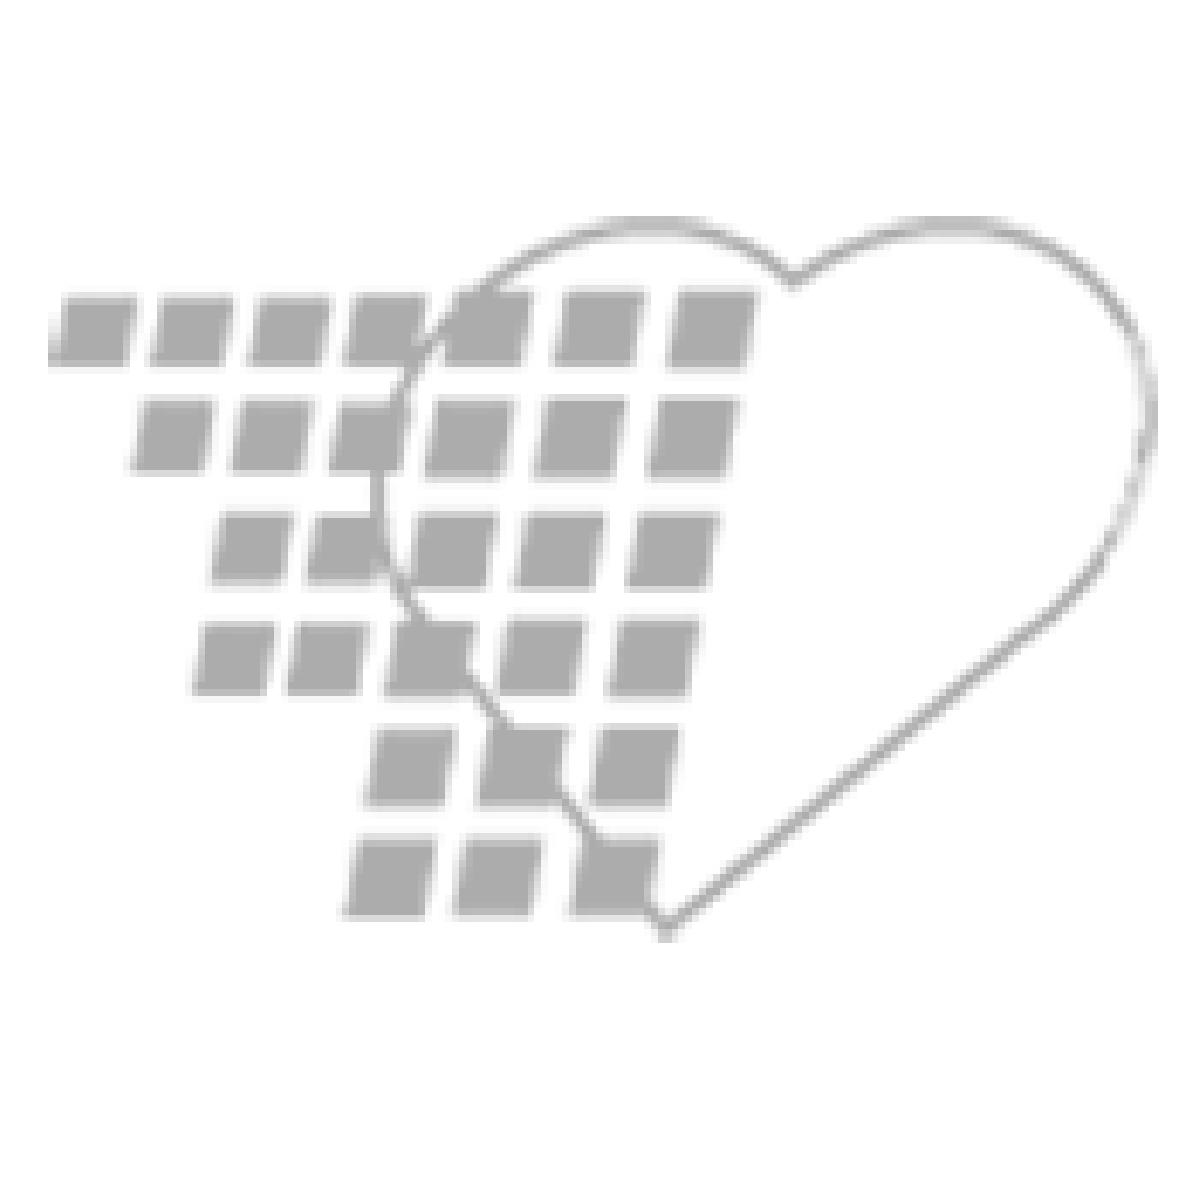 02-43-9030 ECG With Interpretation 12/15/18 - Lead